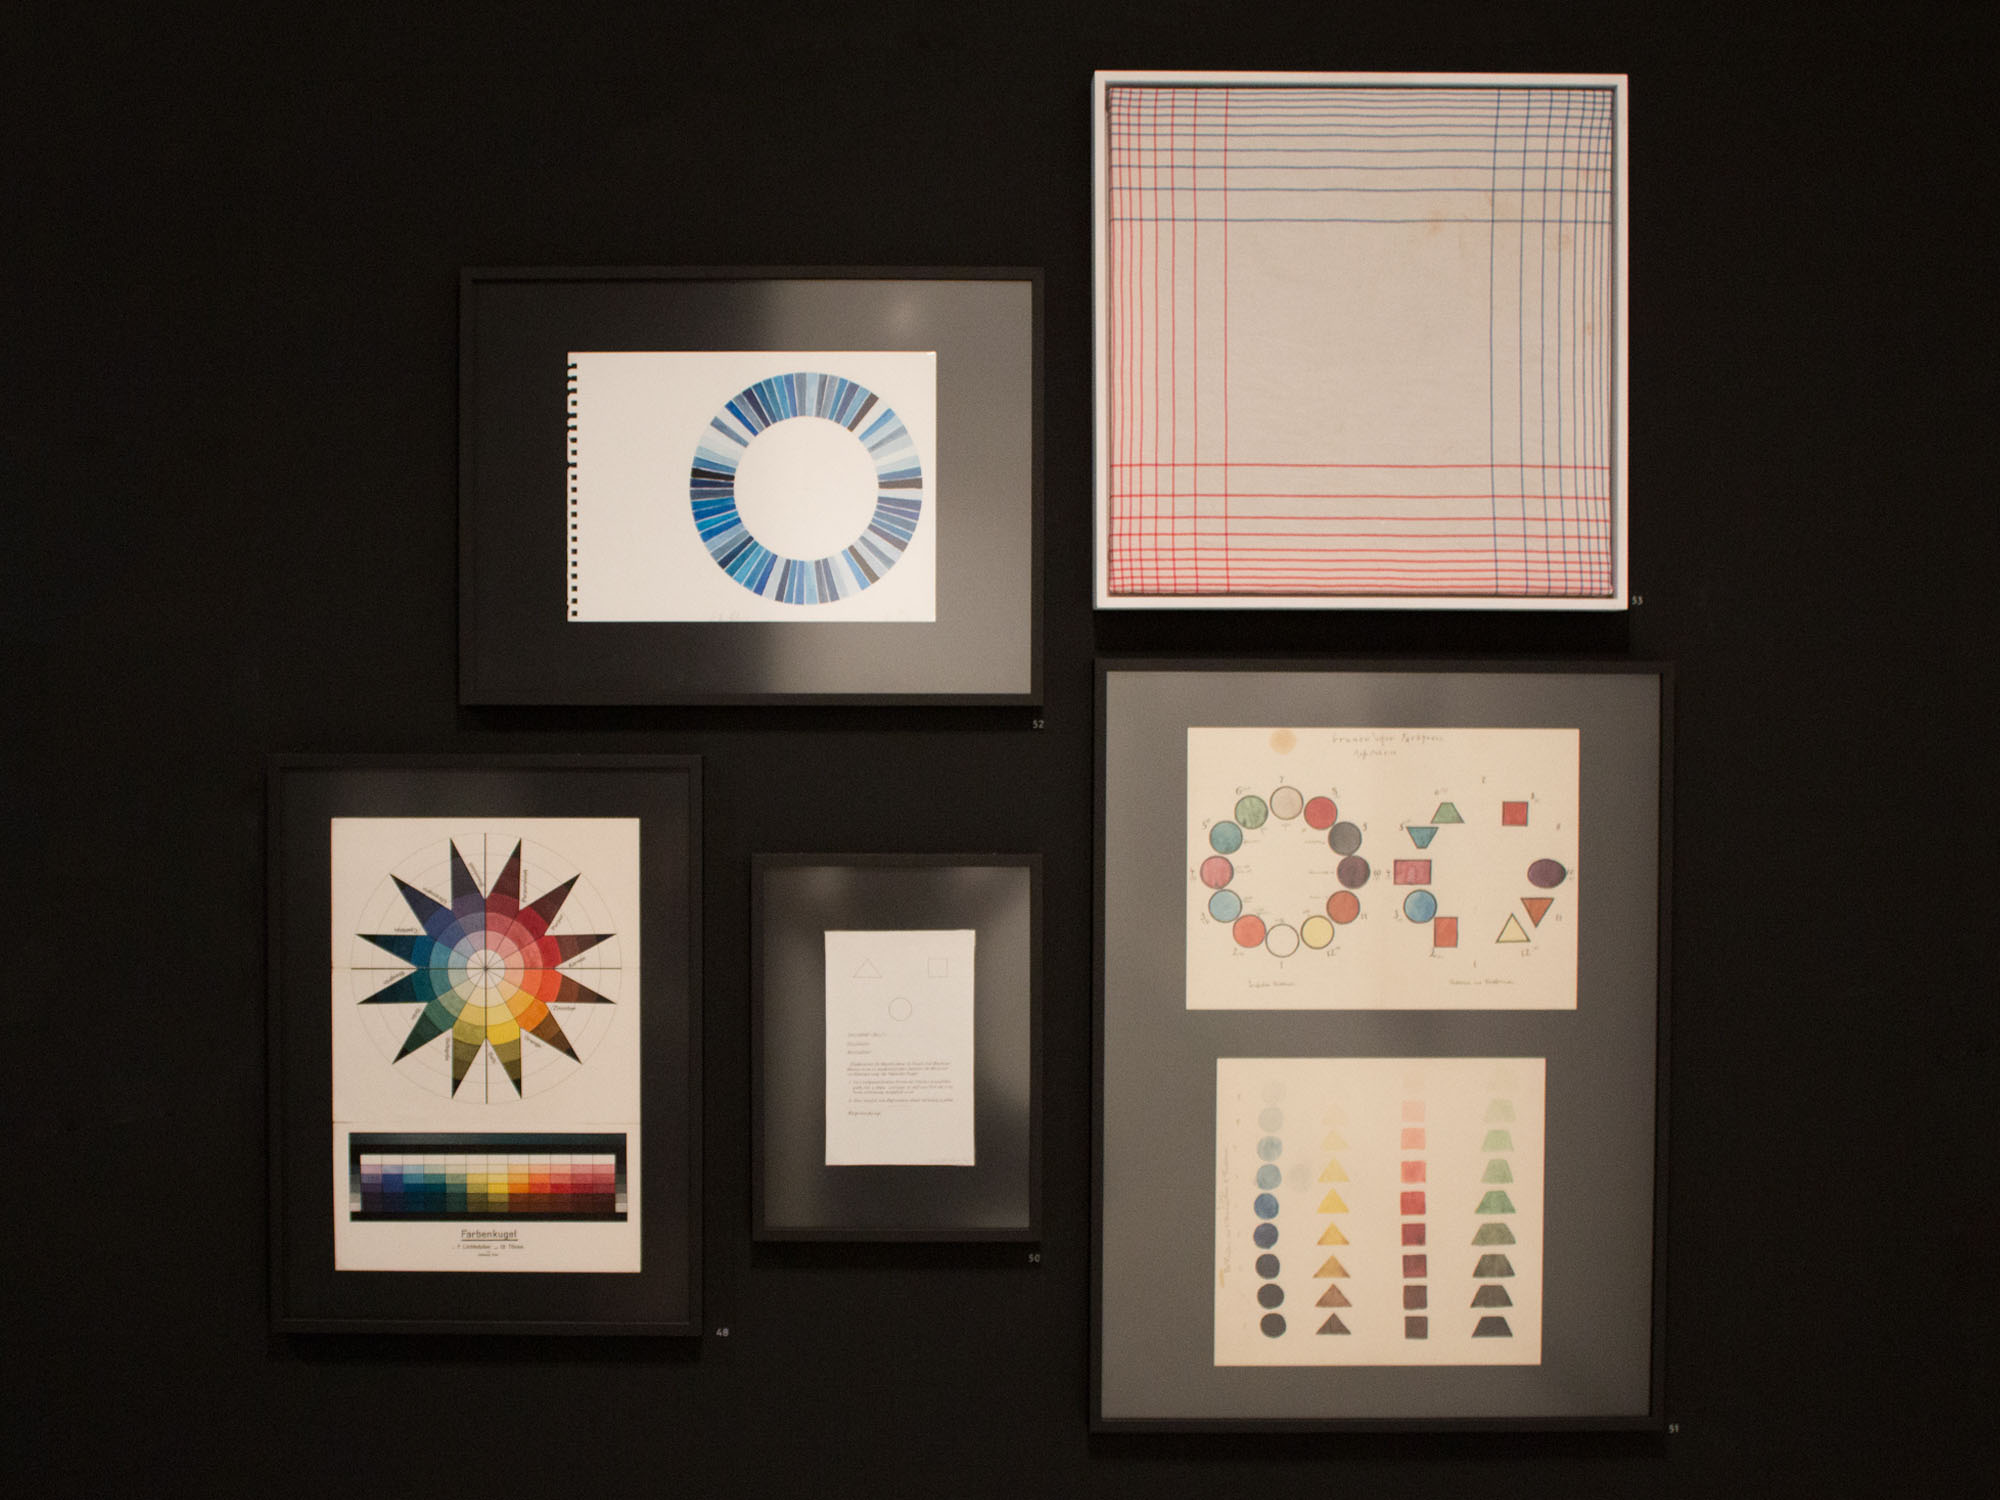 יוהנס איטן - ספירת צבעים בשבעה ערכי אור ו־12, גוונים 1921